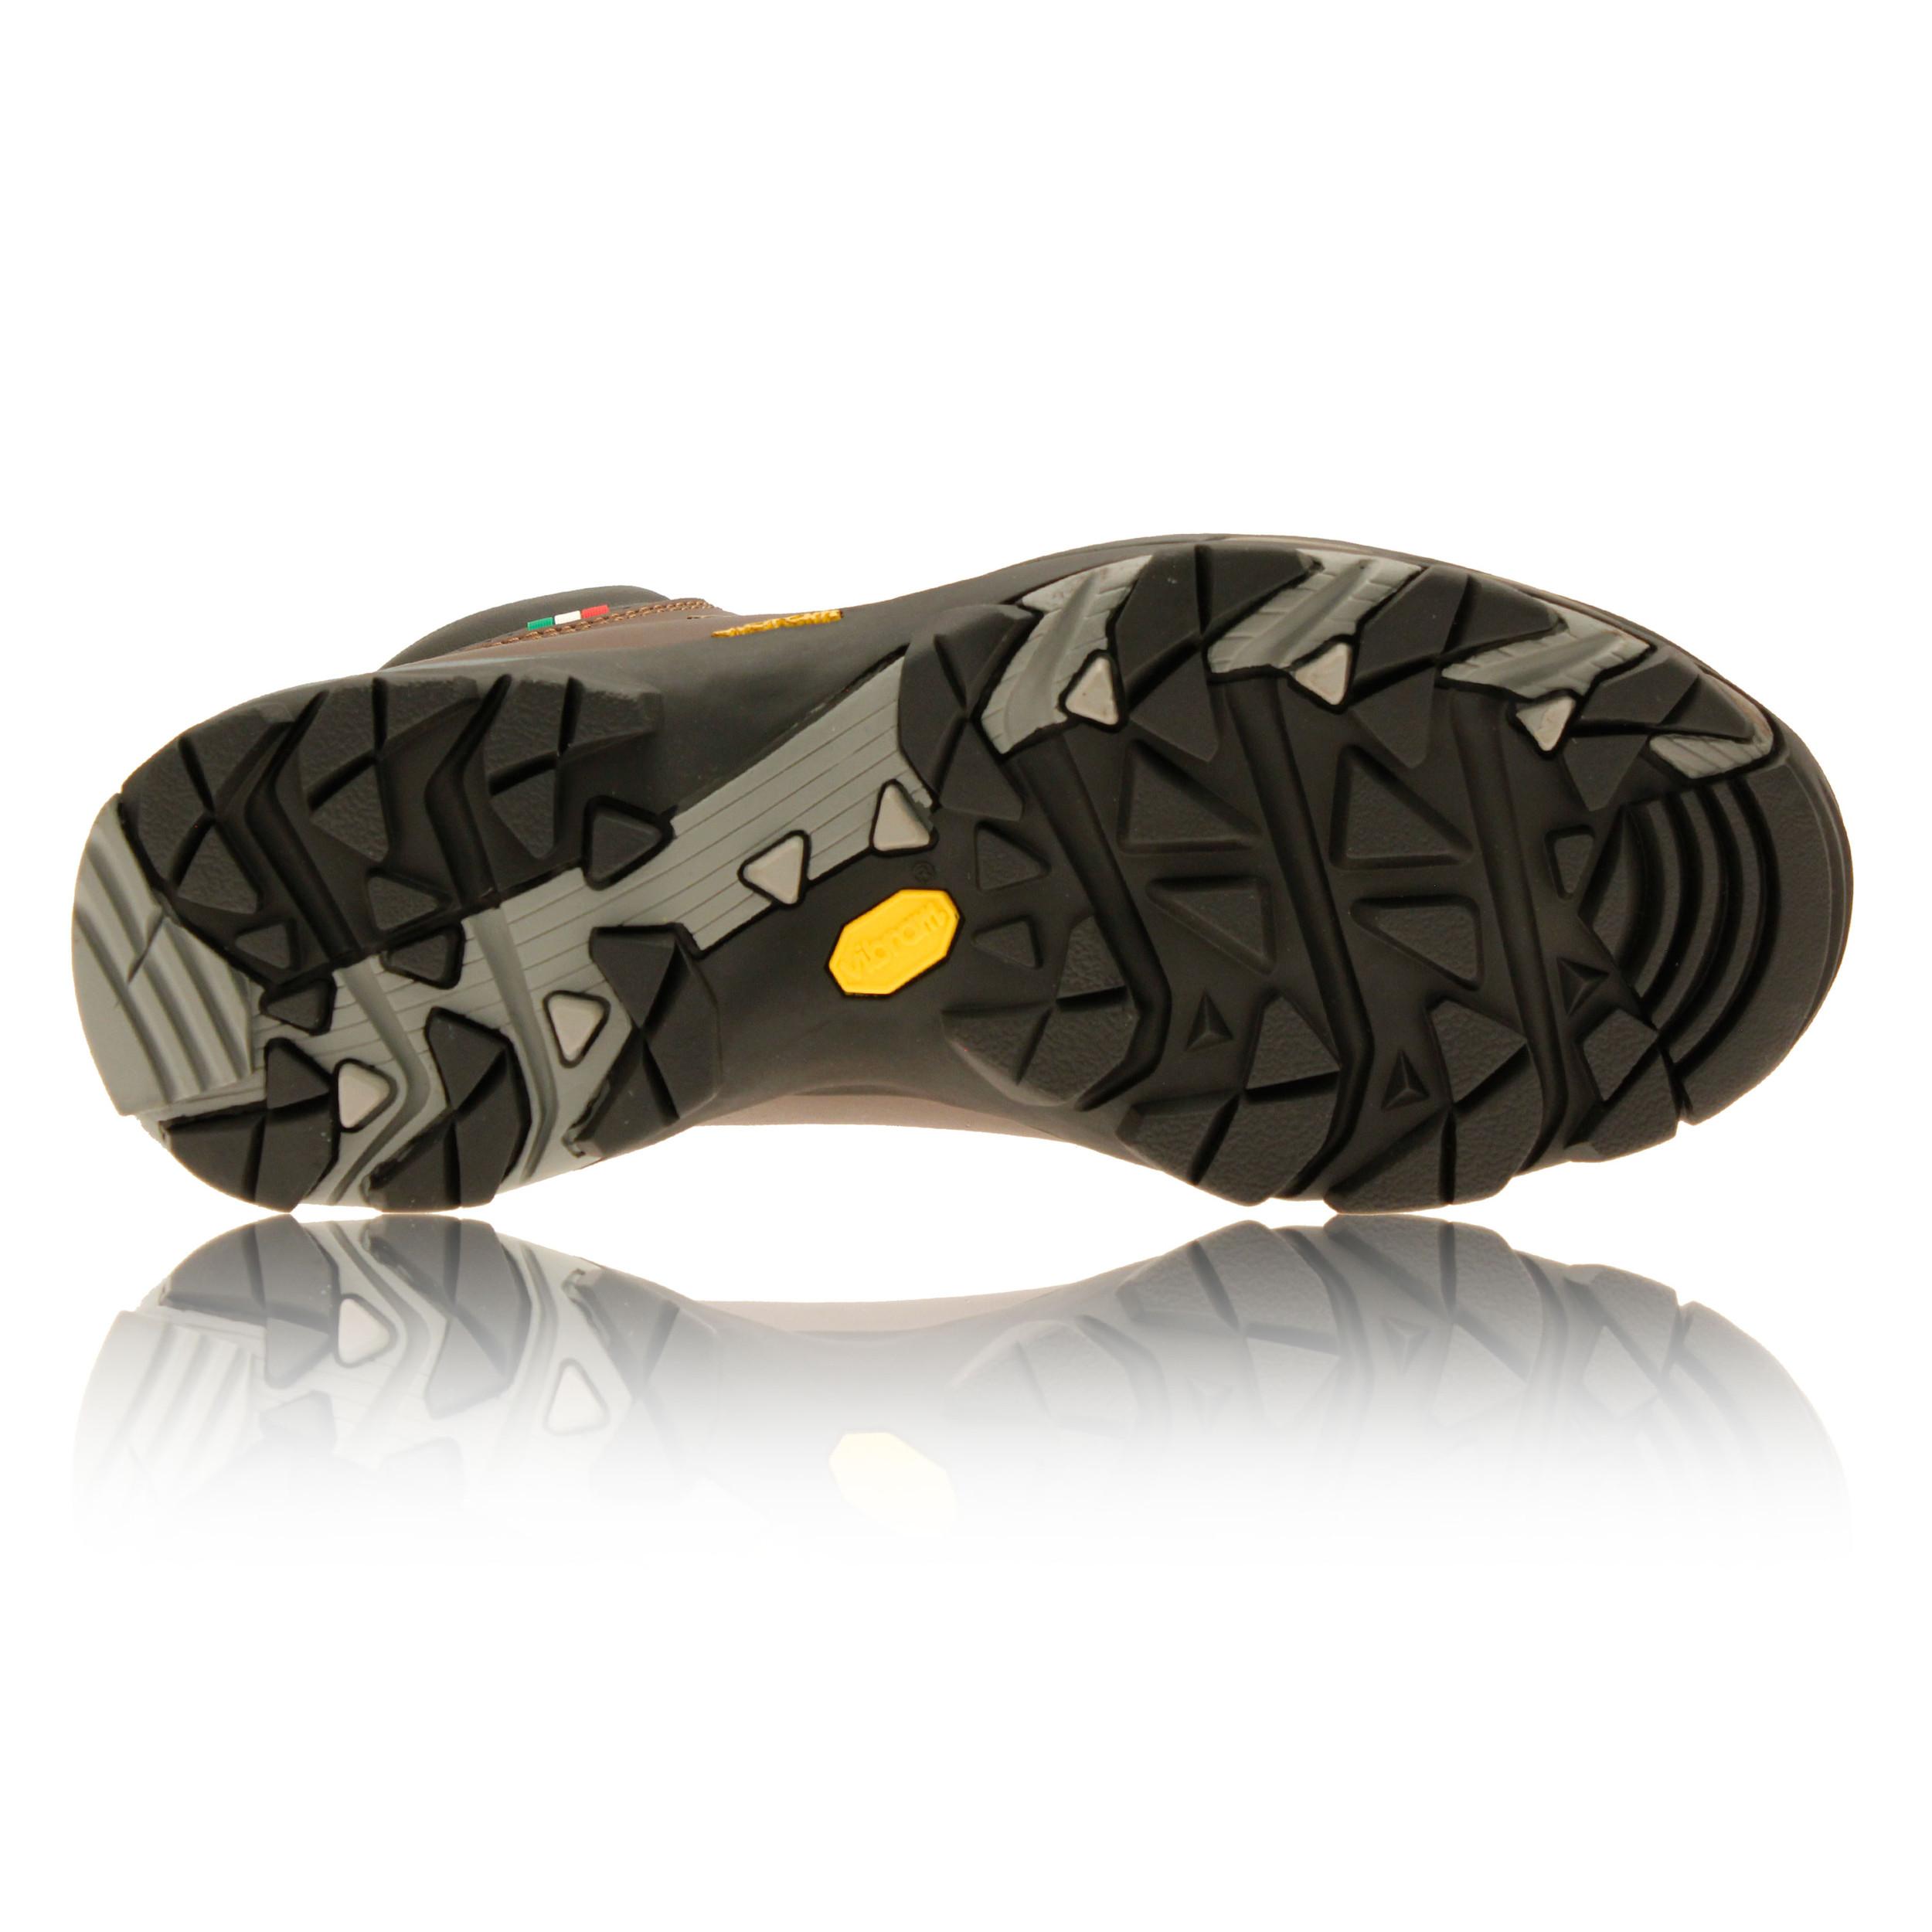 5fd207ecea70b ZAMBERLAN 1006 NEW VIOZ scarponi scarpe per montagna caccia escursioni.  Zamberlan Donna Marrone GoreTex Impermeabile Outdoor Scarpe da